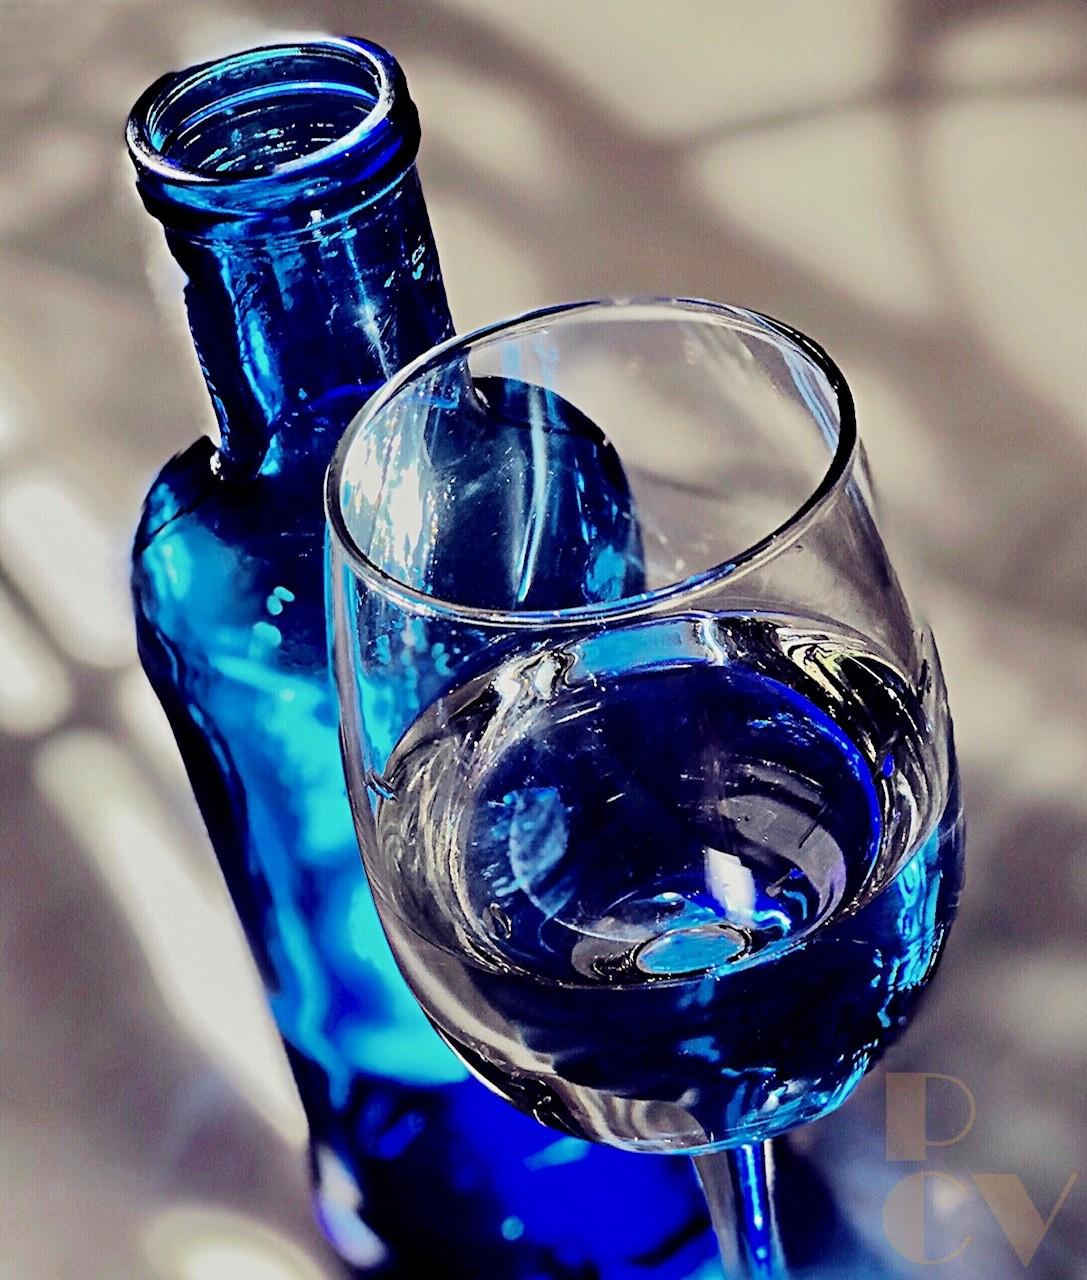 Vasos, botellas y cristales 14